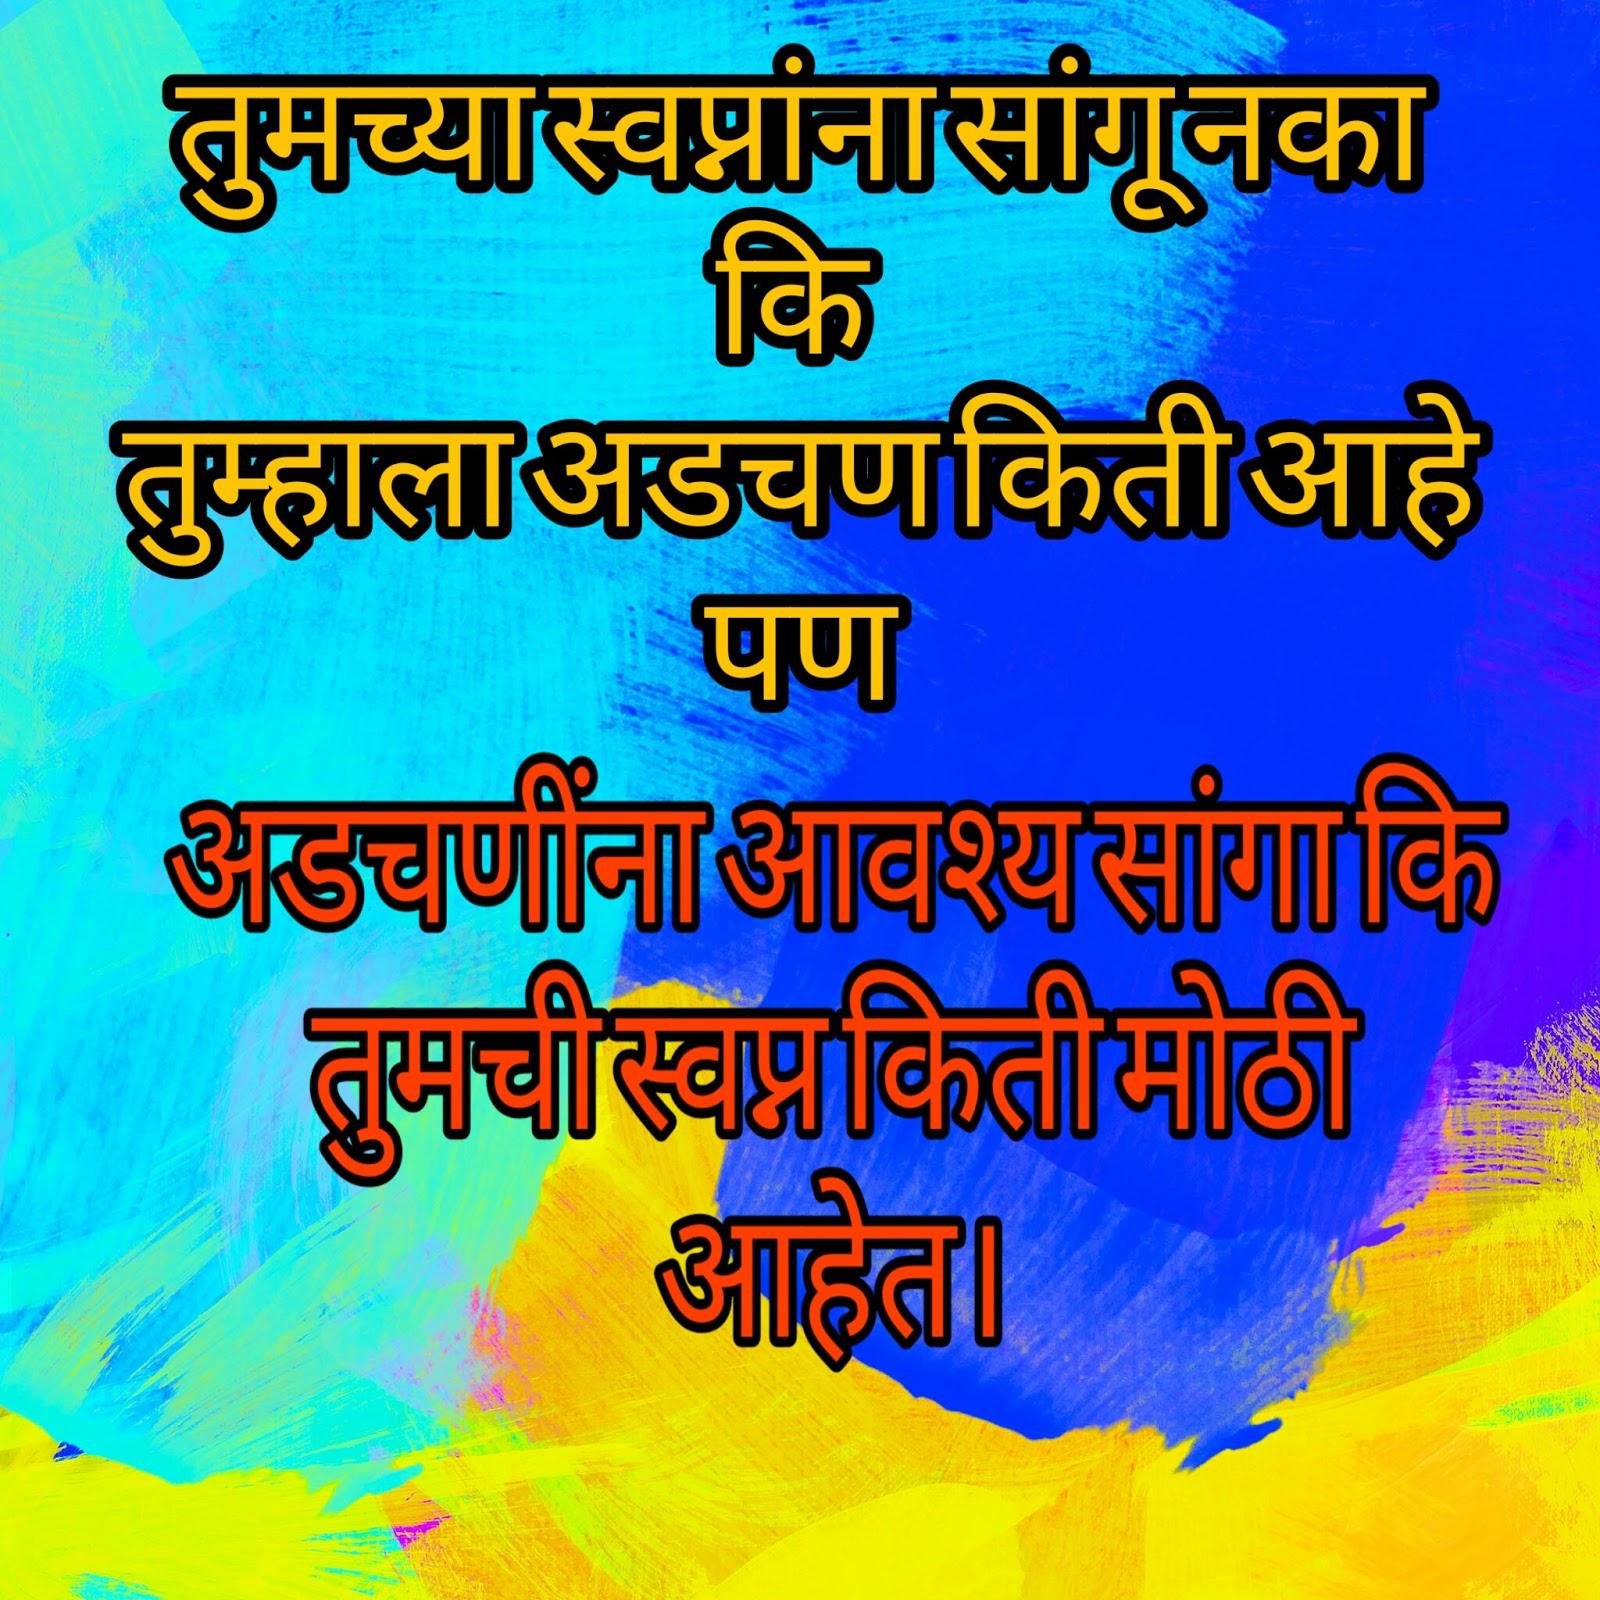 marathi inspirational status for whatsapp